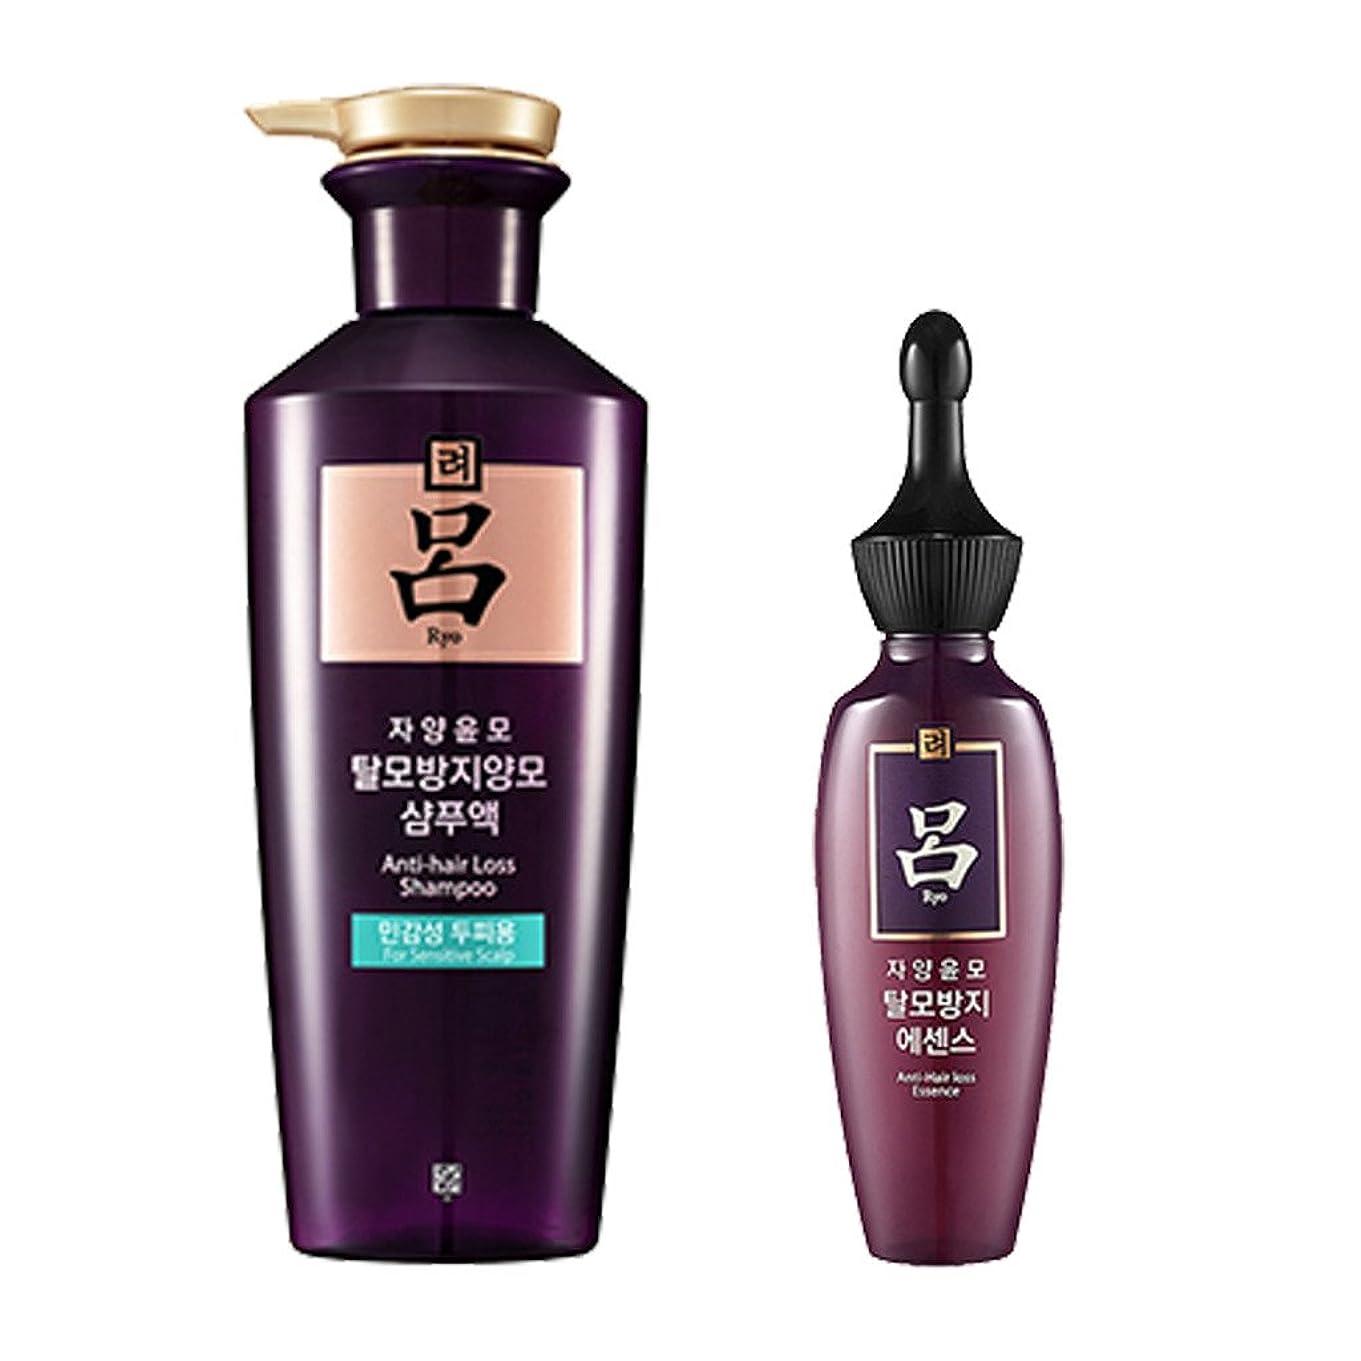 ネブリラックスした論理的に呂(リョ) 滋養潤毛 シャンプー(敏感頭皮用) 400ml+エッセンス 75ml